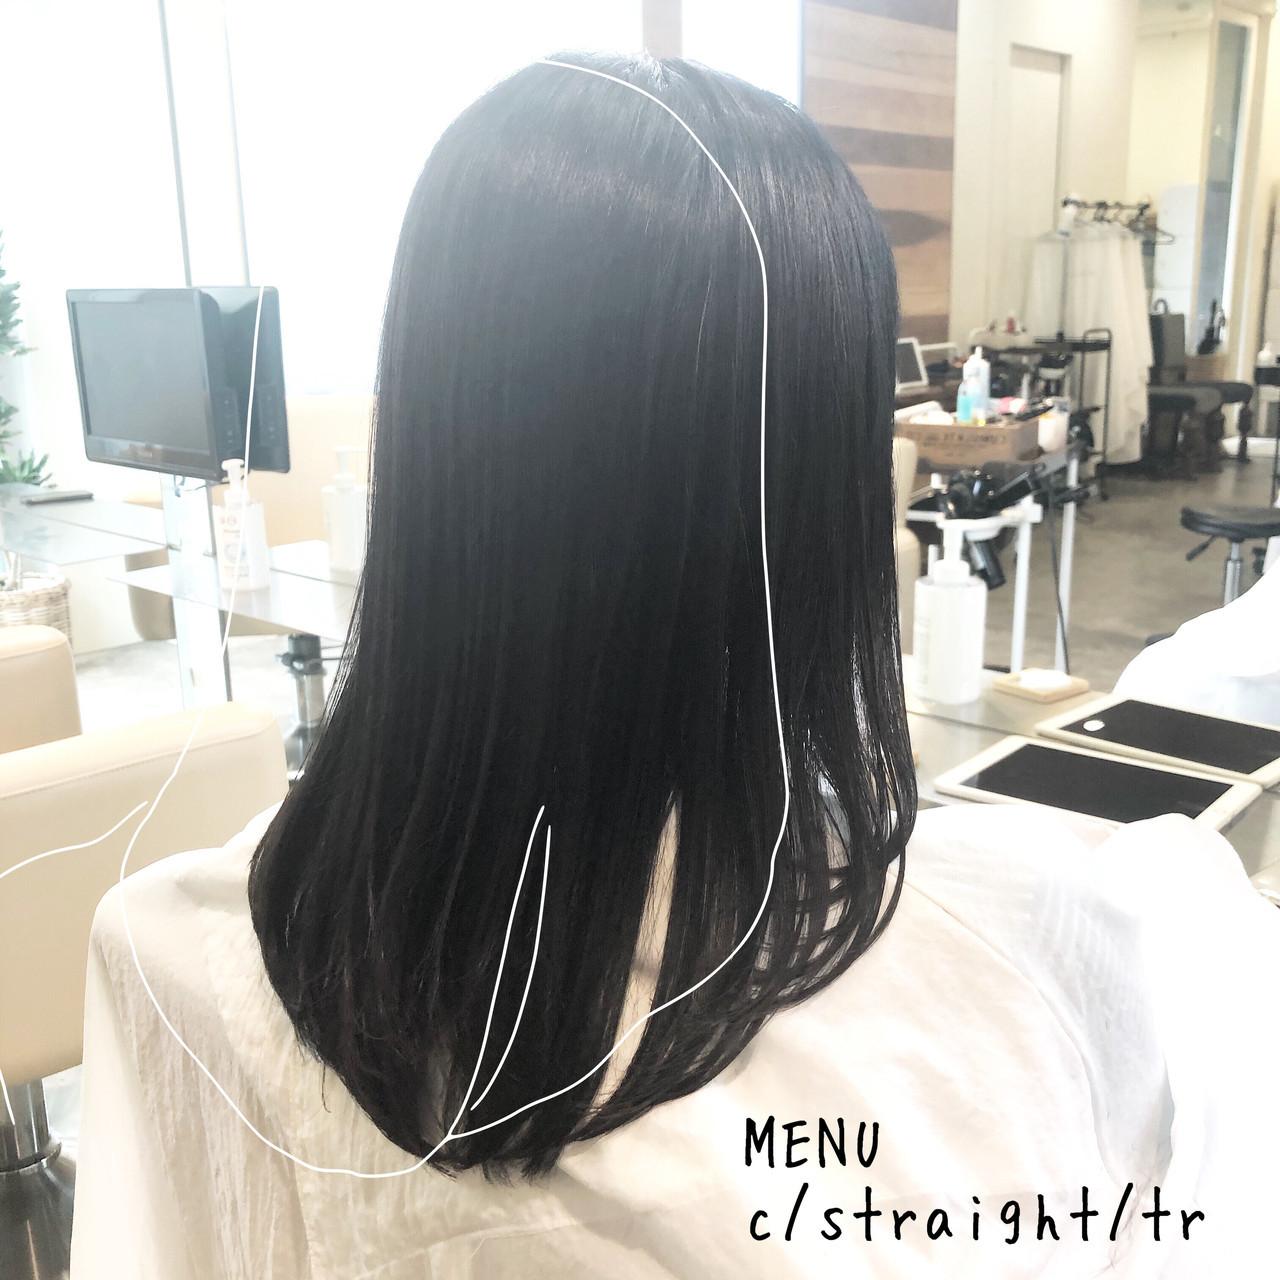 縮毛矯正 ストレート セミロング グレージュ ヘアスタイルや髪型の写真・画像